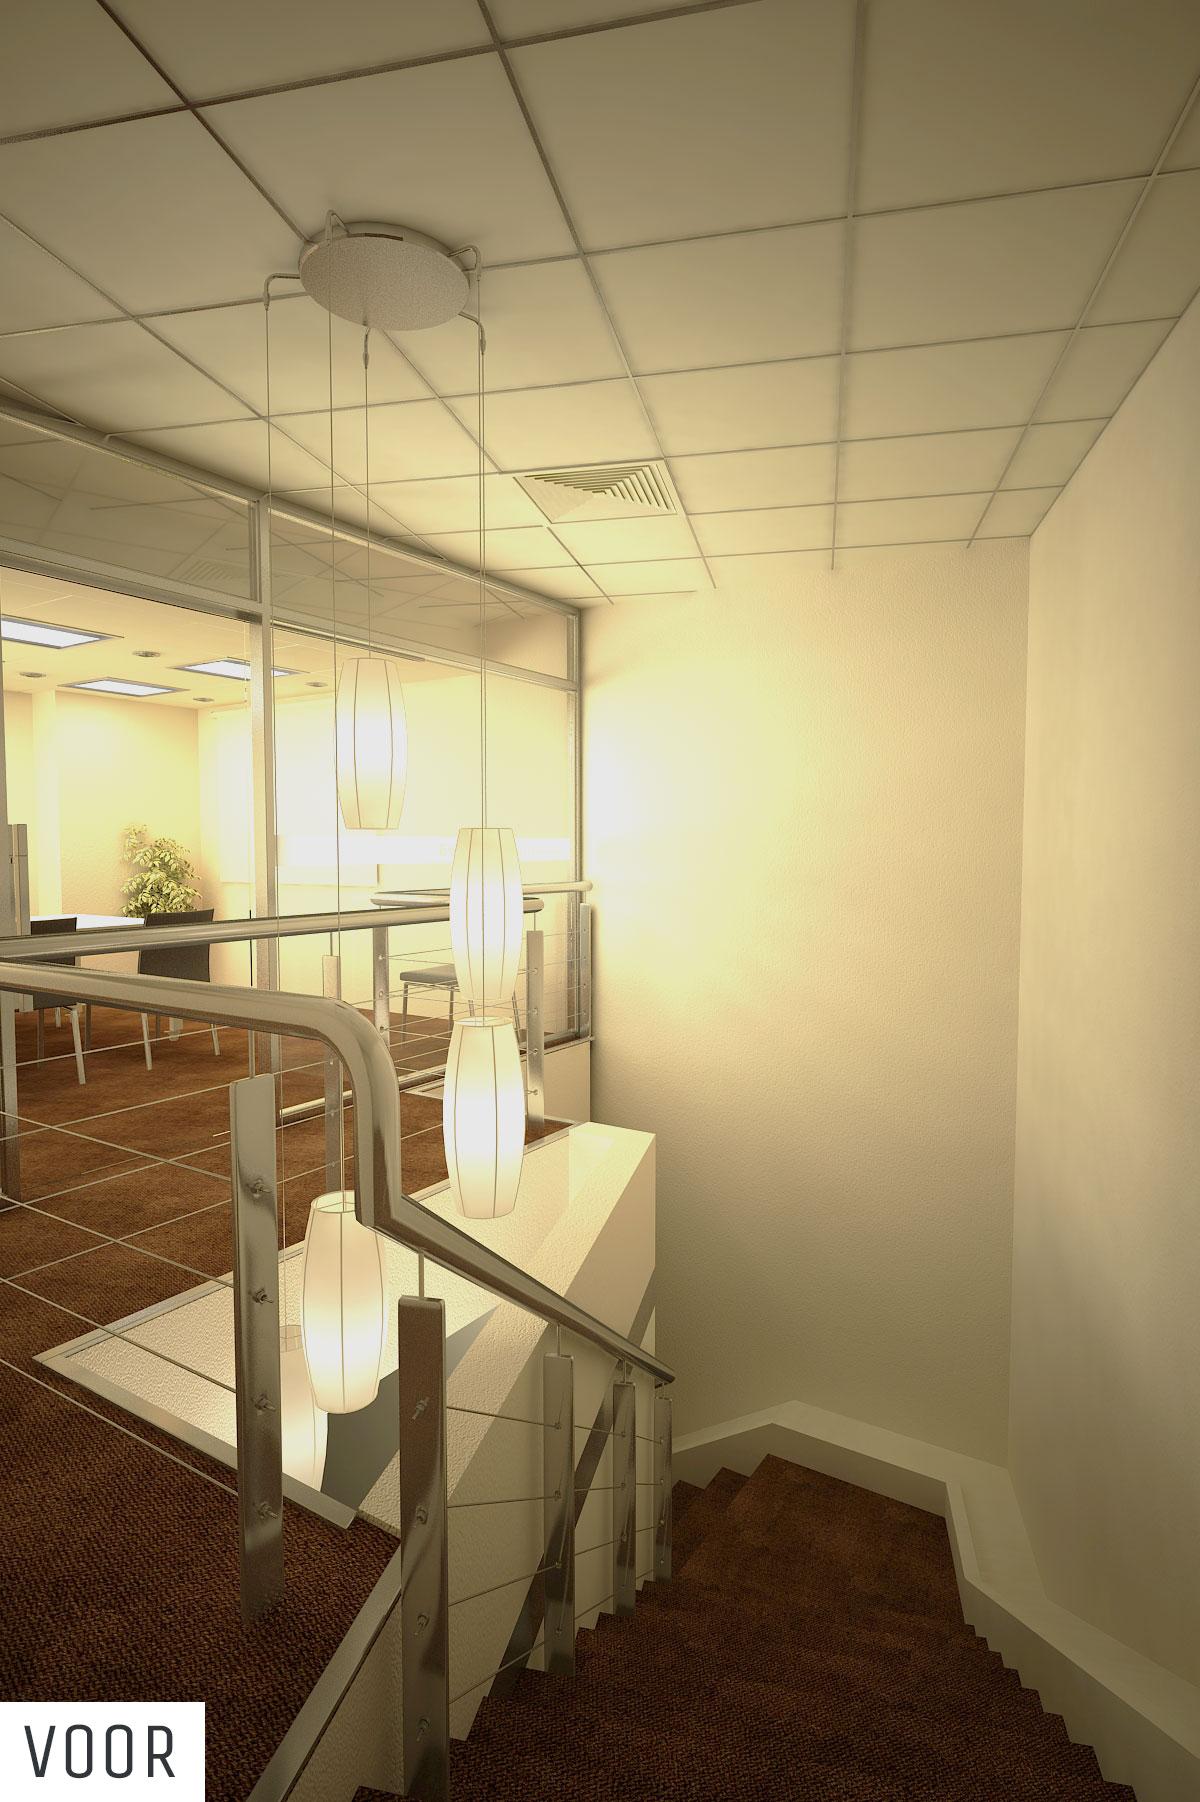 Kosten behangen free behangen slaapkamer klusbedrijf for Goedkoop laten behangen